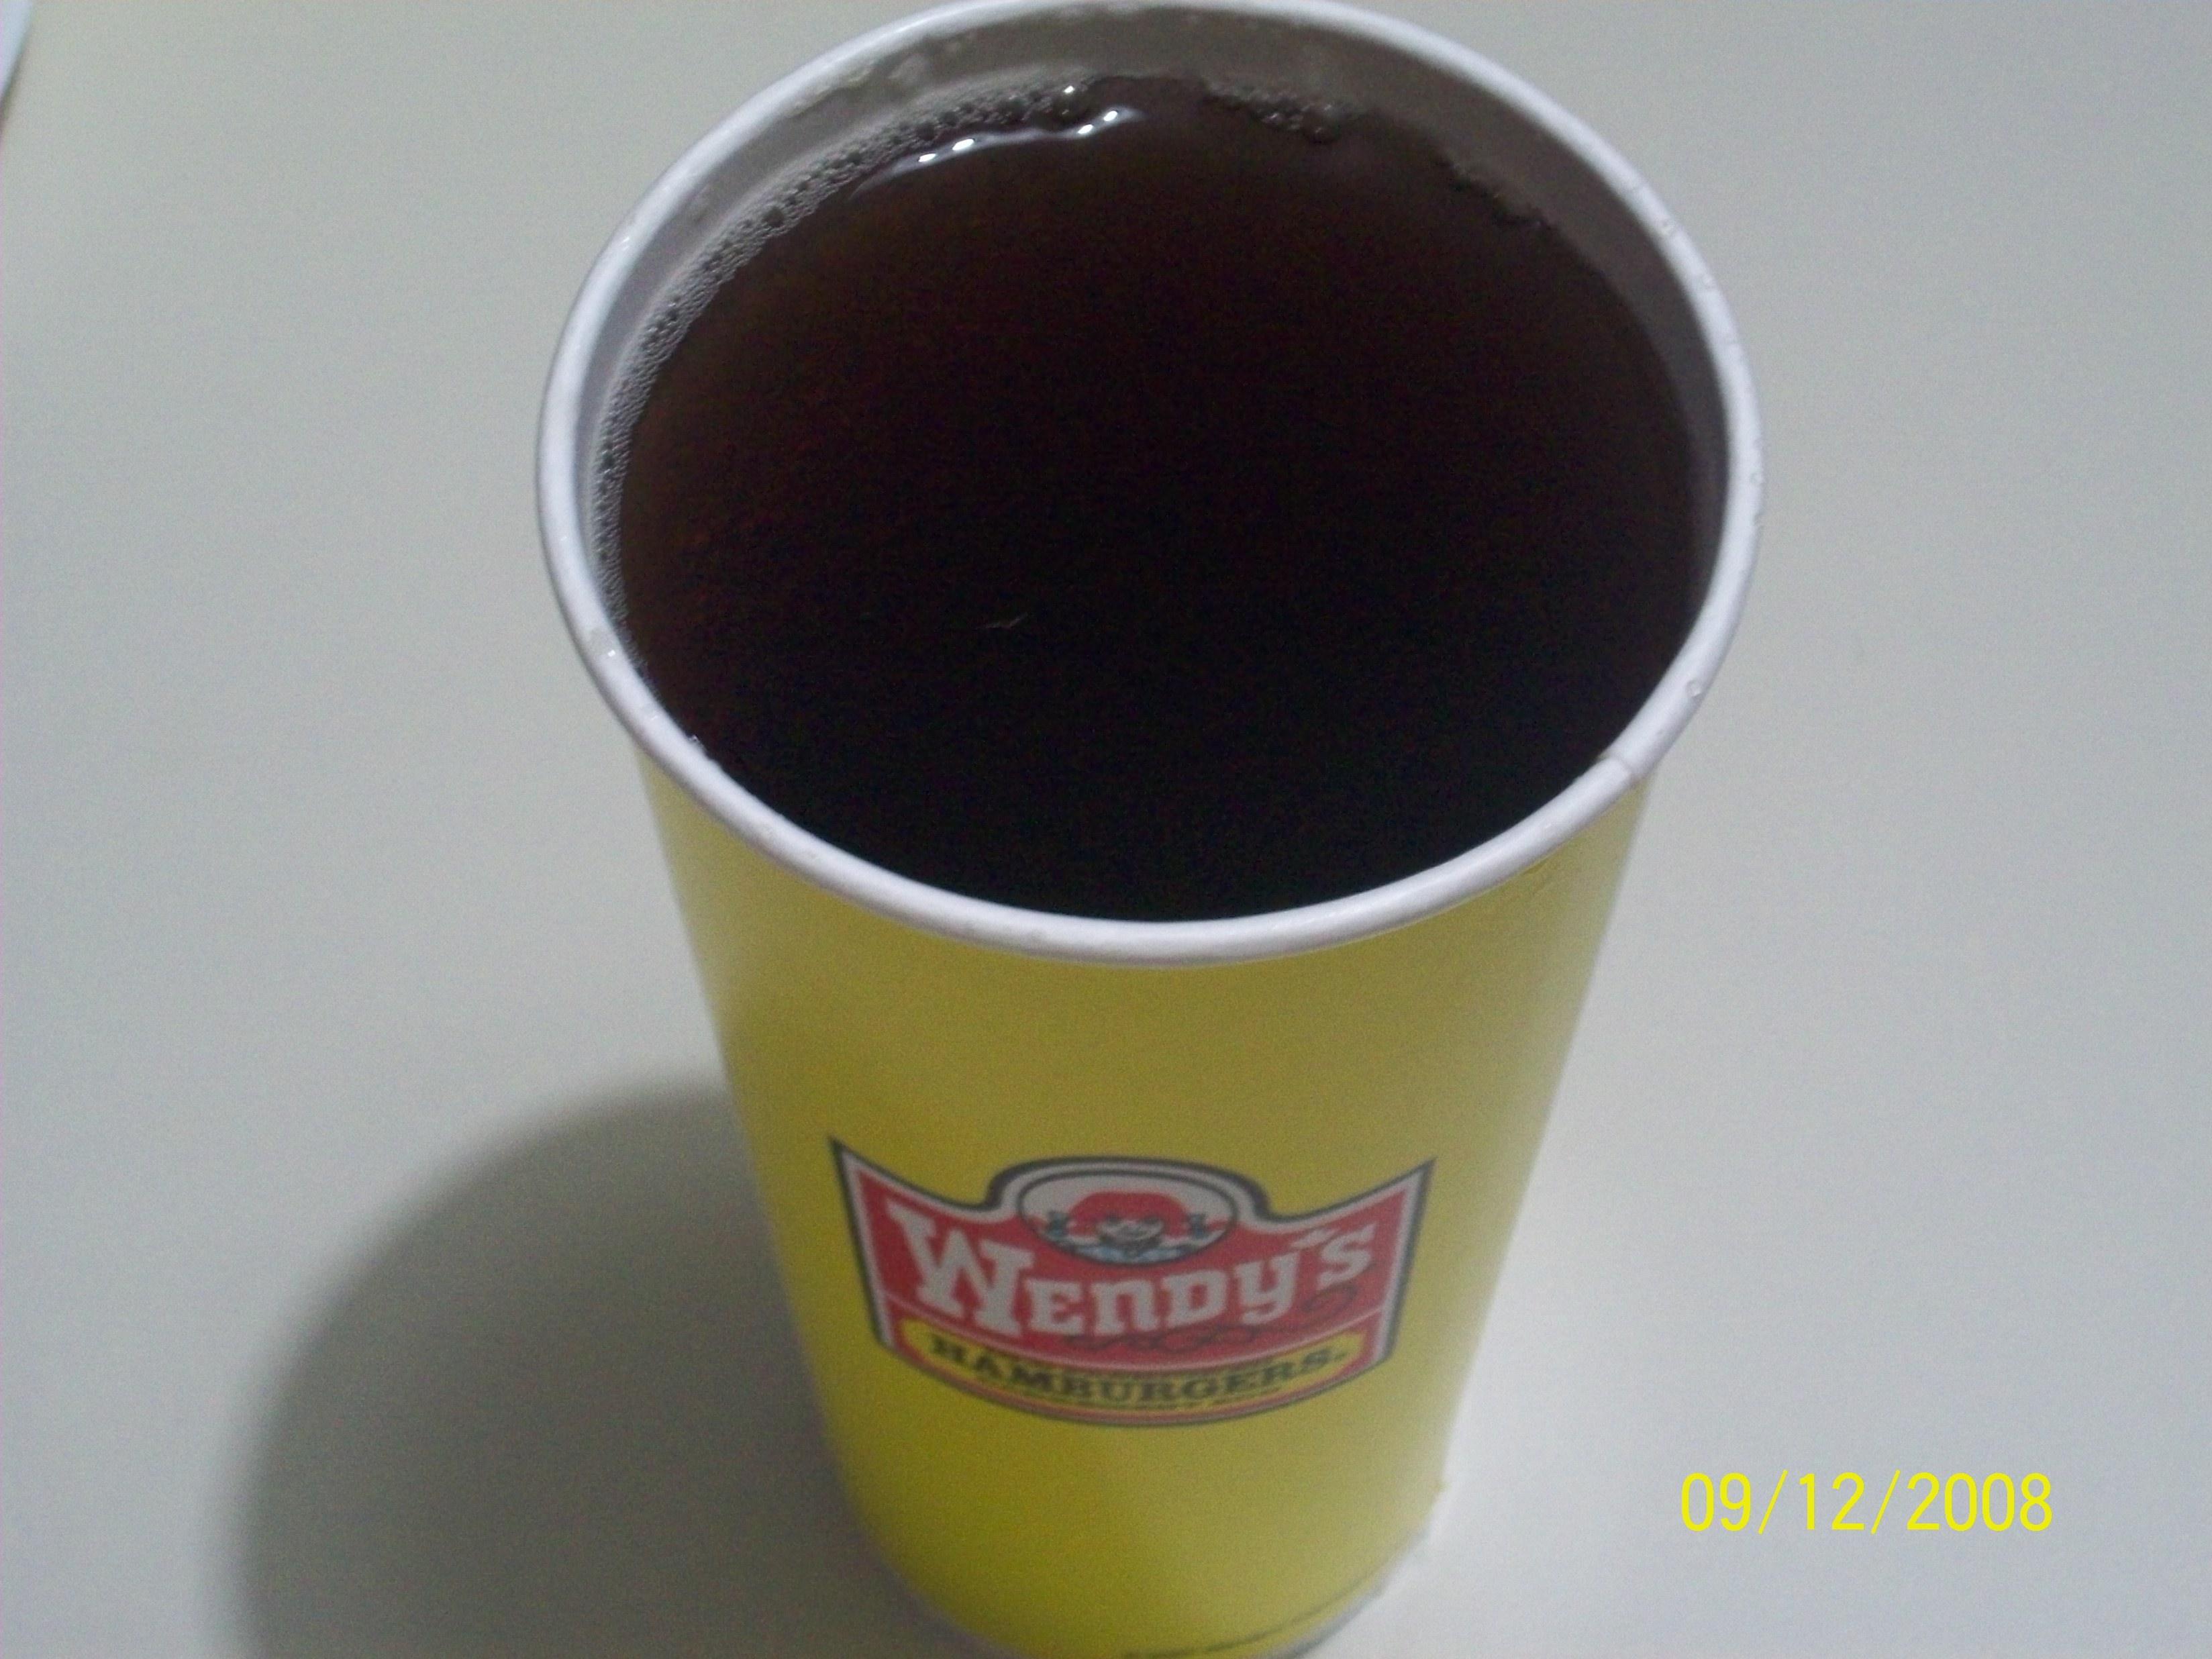 http://foodloader.net/cutie_2008-12-09_Wendys_Iced_Tea.jpg